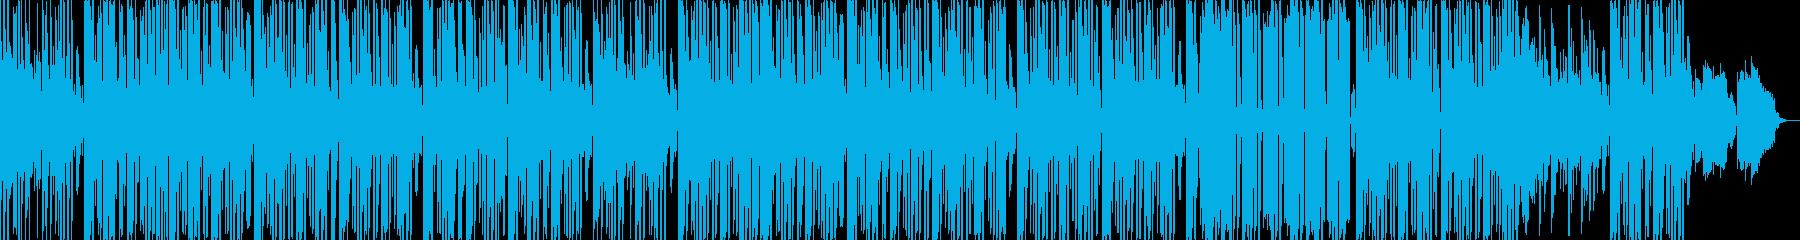 アジアン風味のほのぼのしたヒップホップの再生済みの波形